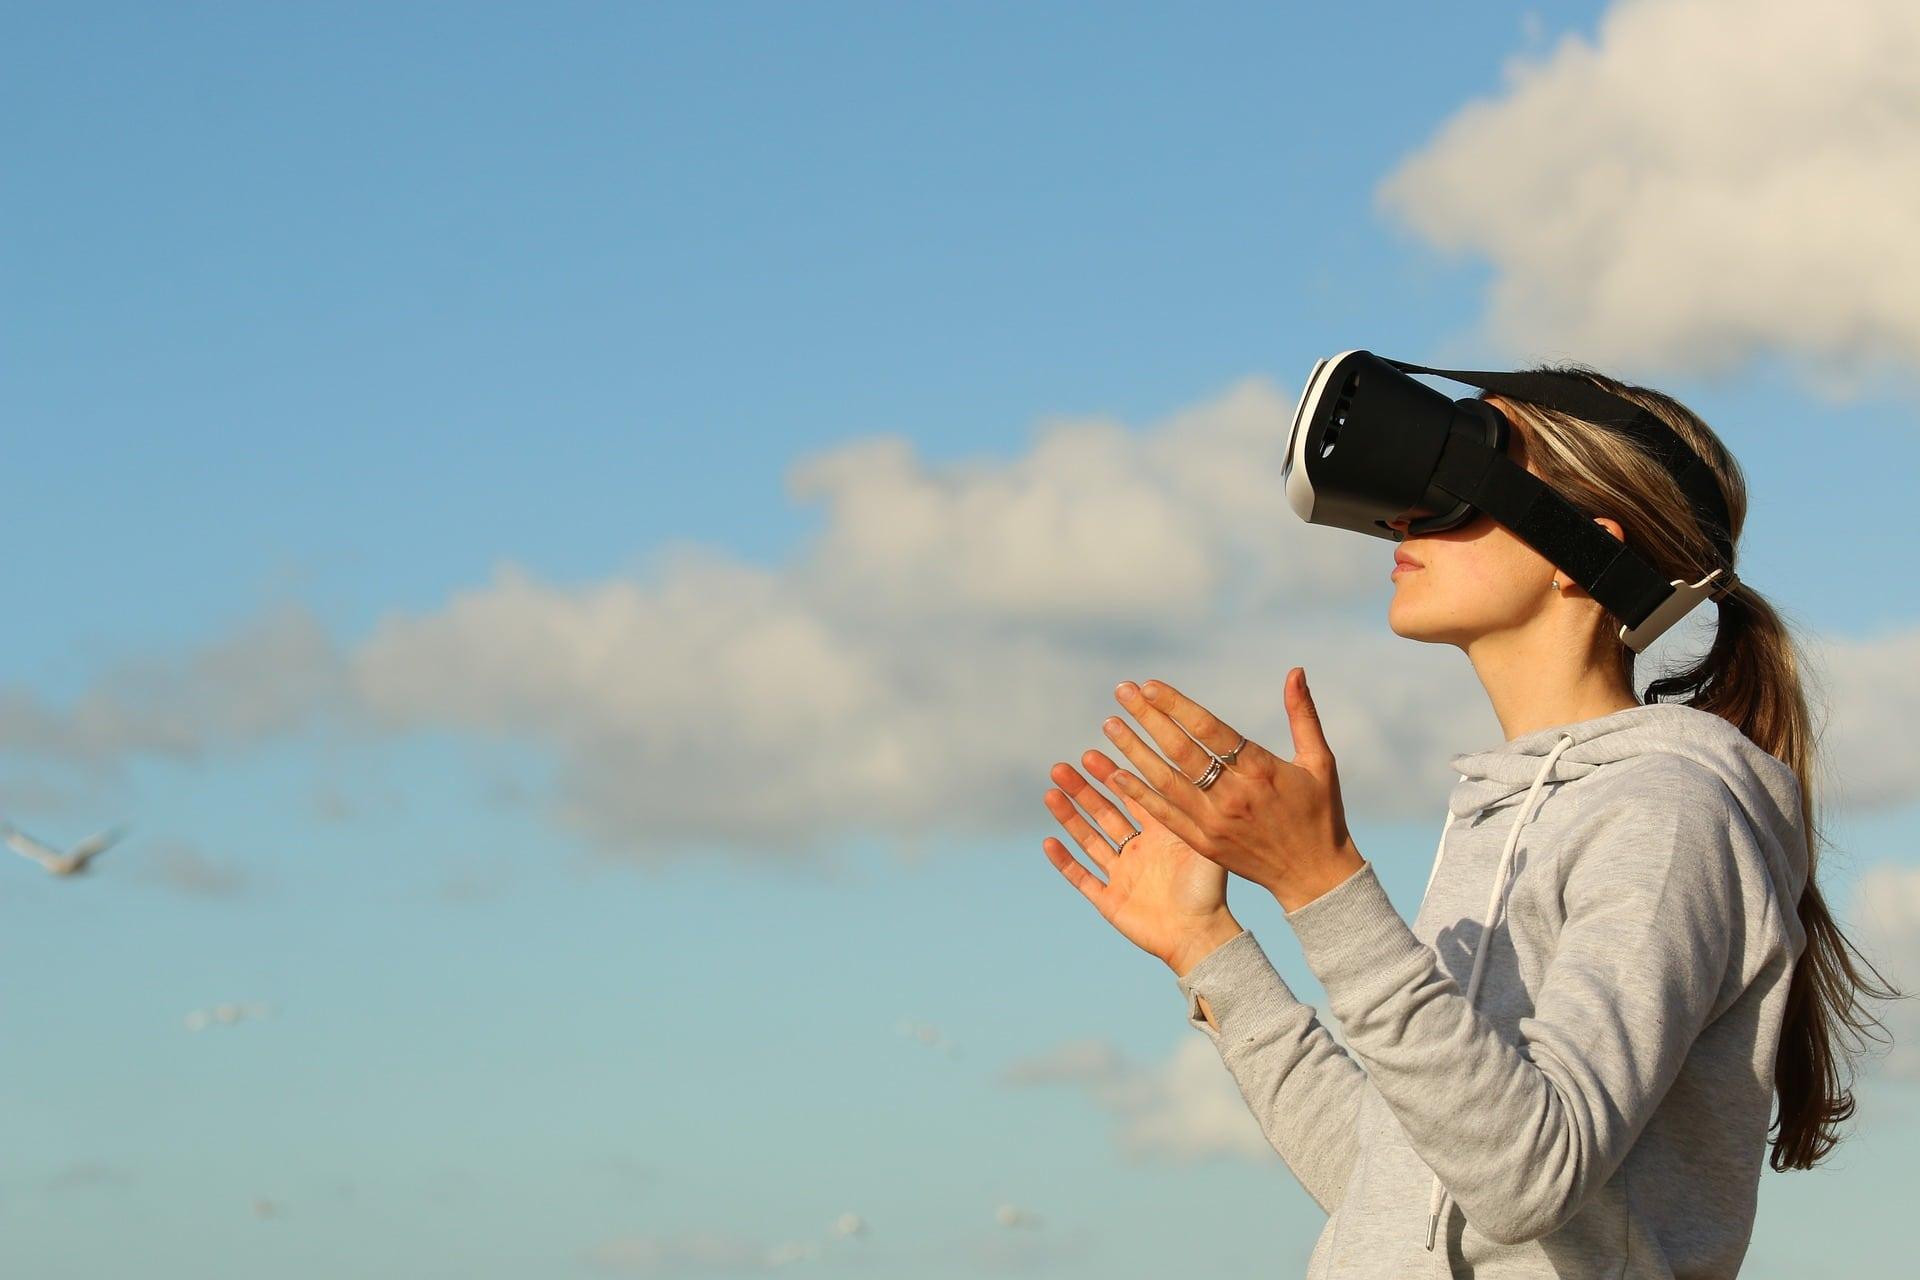 Verkoop van VR Headsets daalt sterk